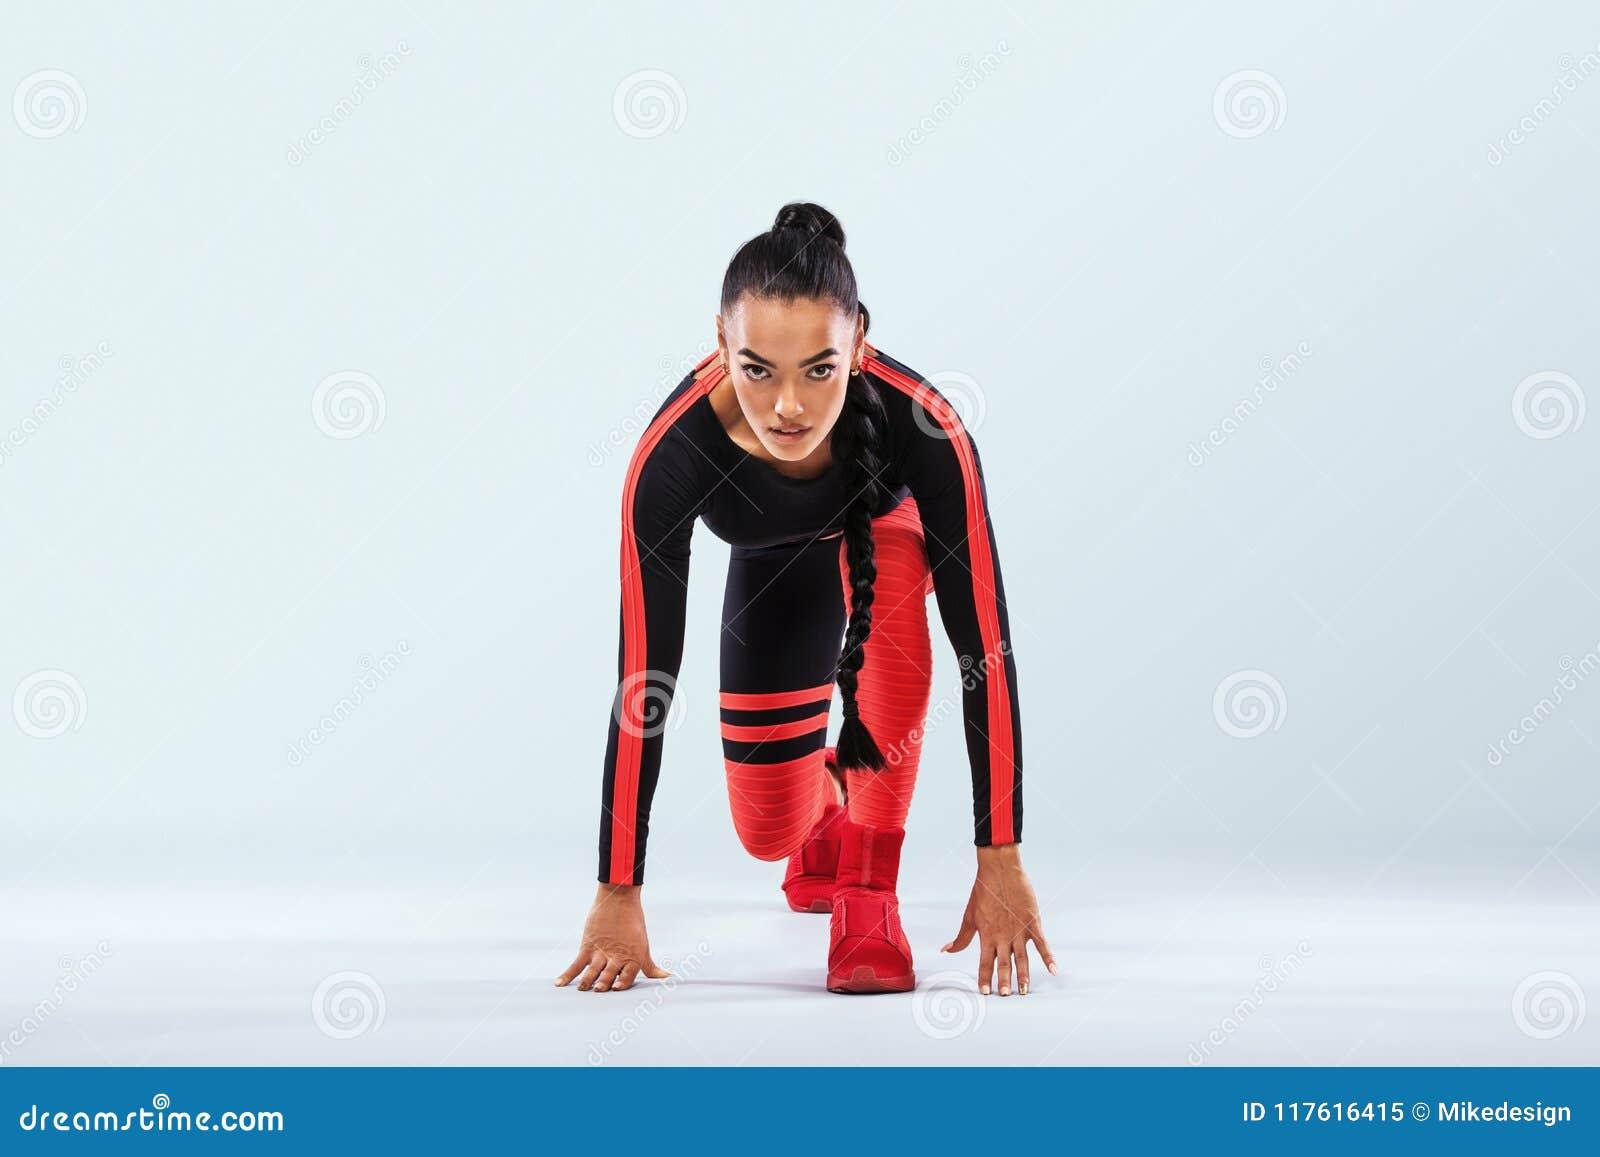 Ισχυρός ένας αθλητικός, γυναίκες sprinter, τρέχοντας μια φθορά sportswear, μια ικανότητα και αθλητικό κίνητρο Έννοια δρομέων με